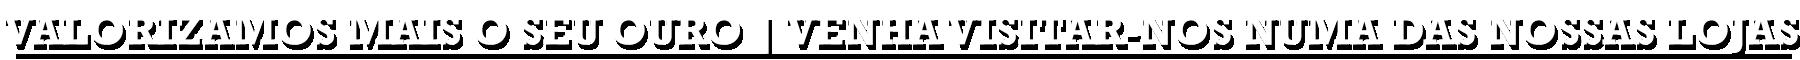 logo-spgold-lettering